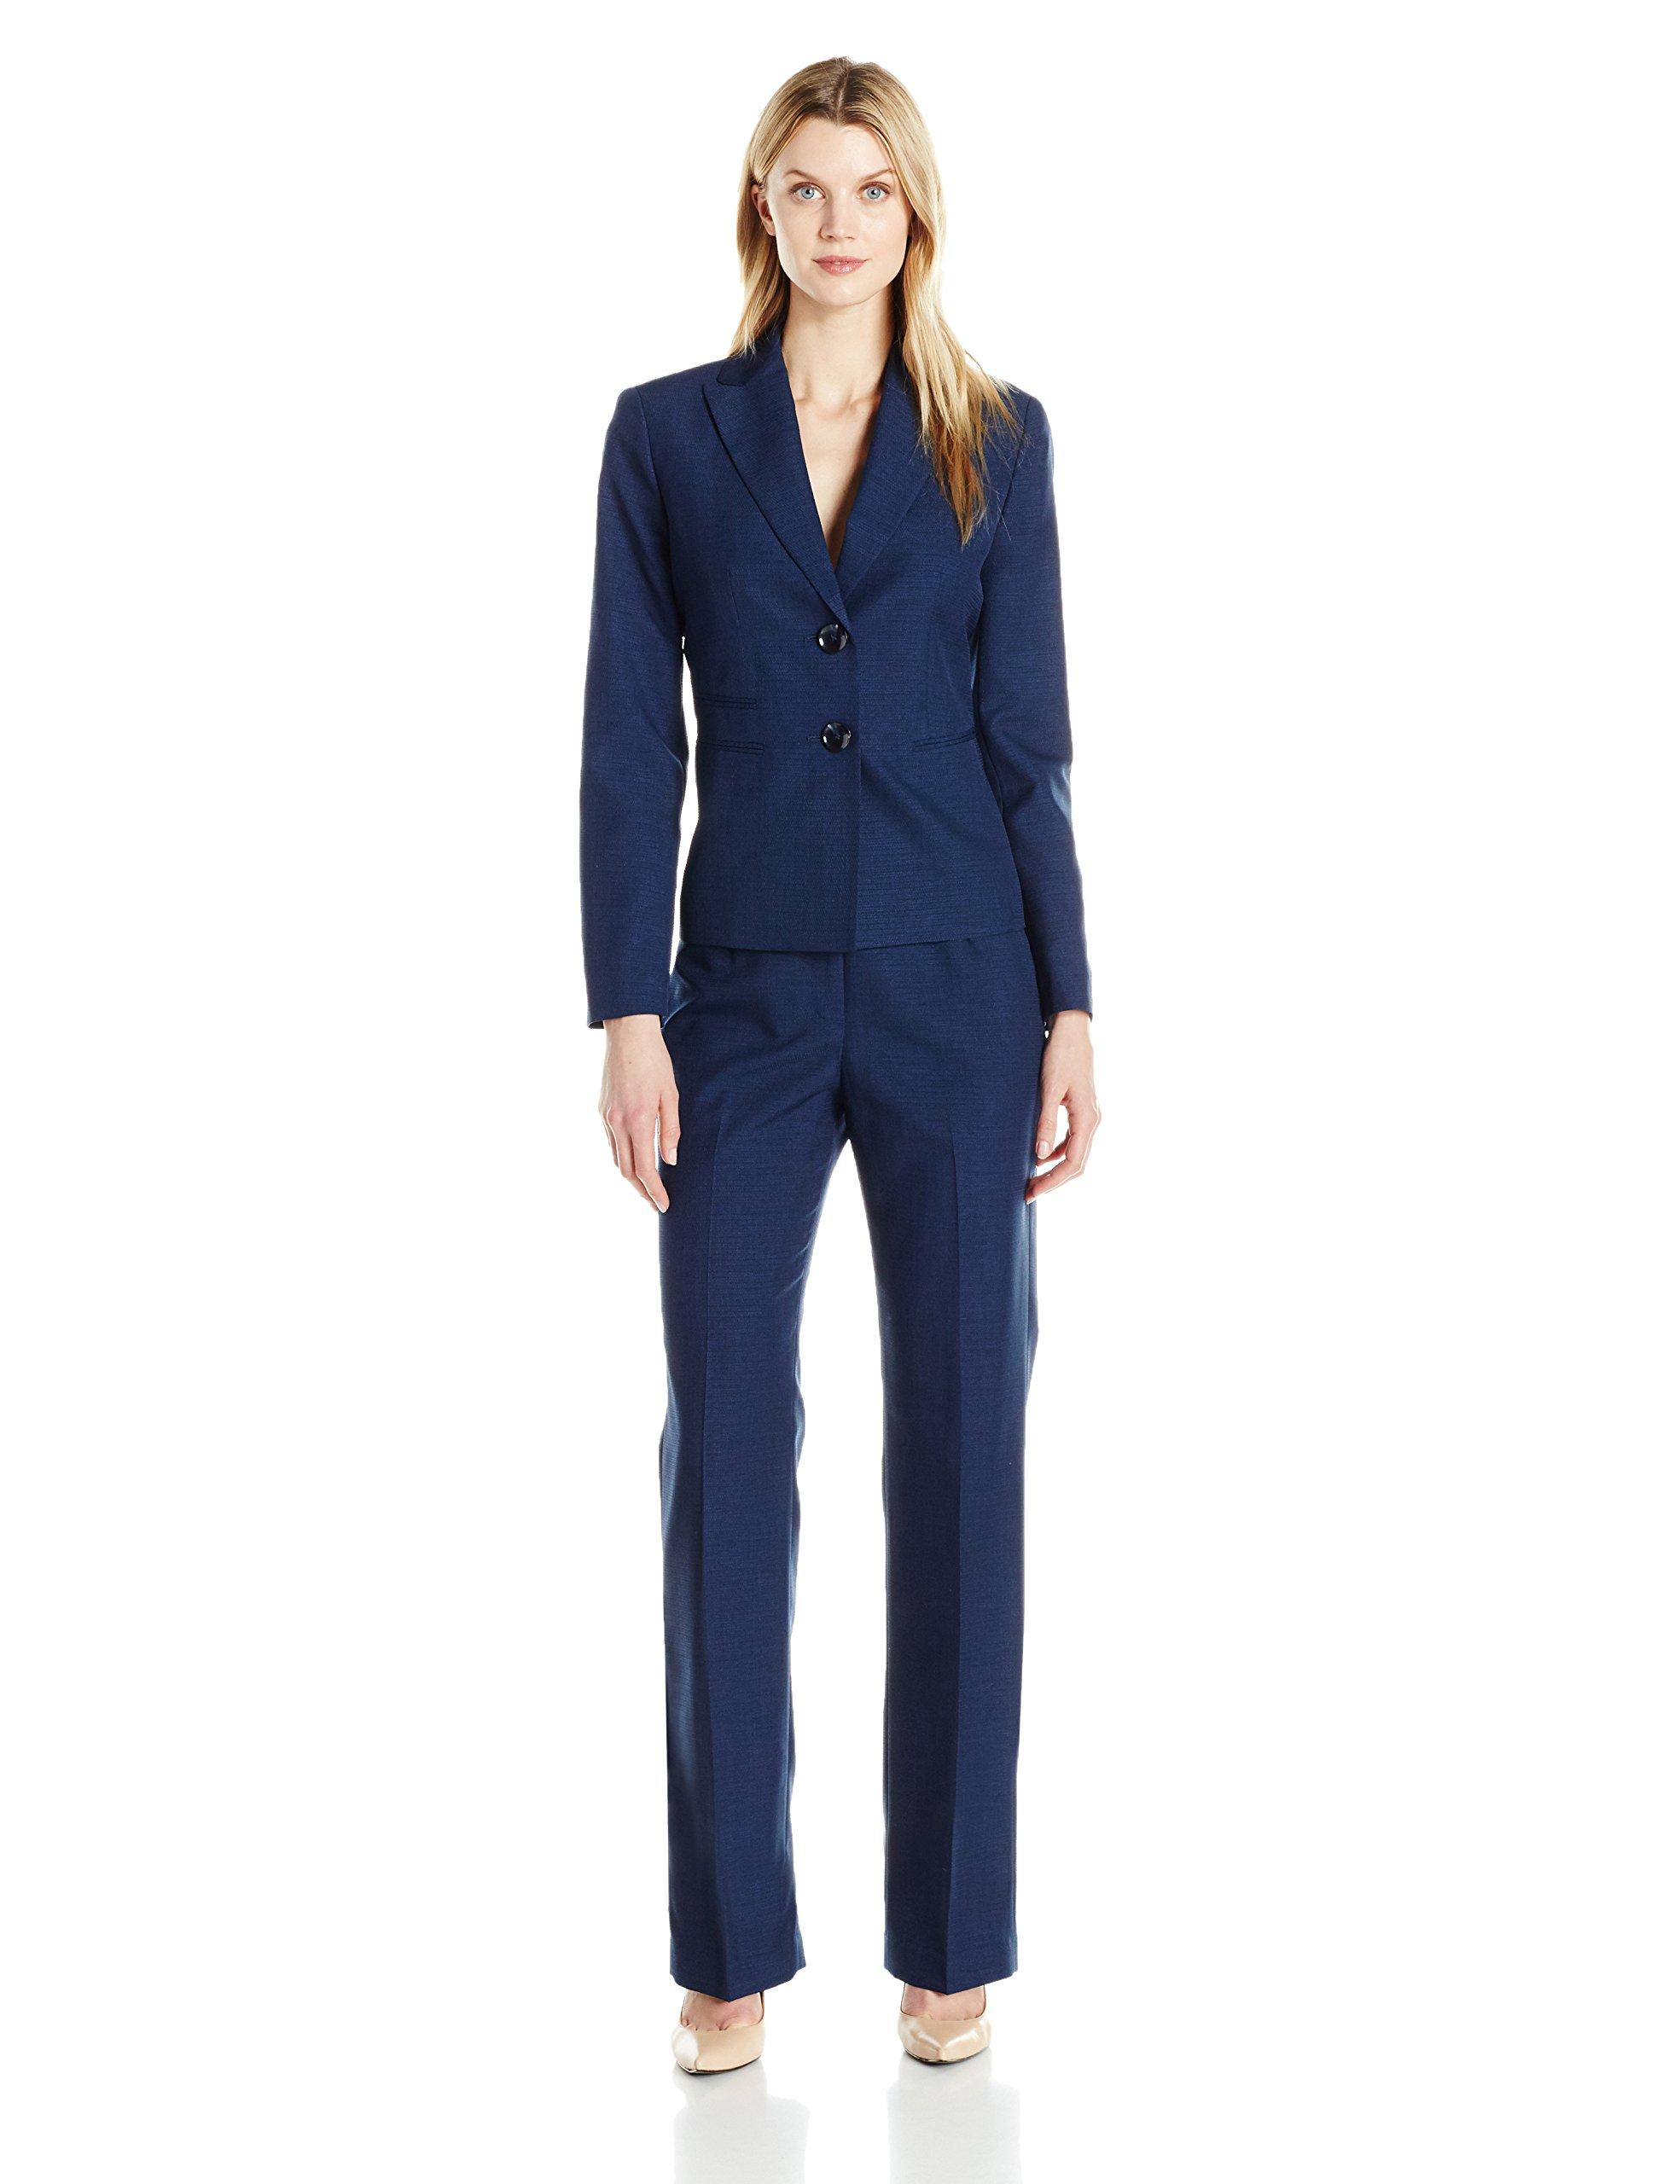 Le Suit Women's Two Button Pant Suit, Navy, 16